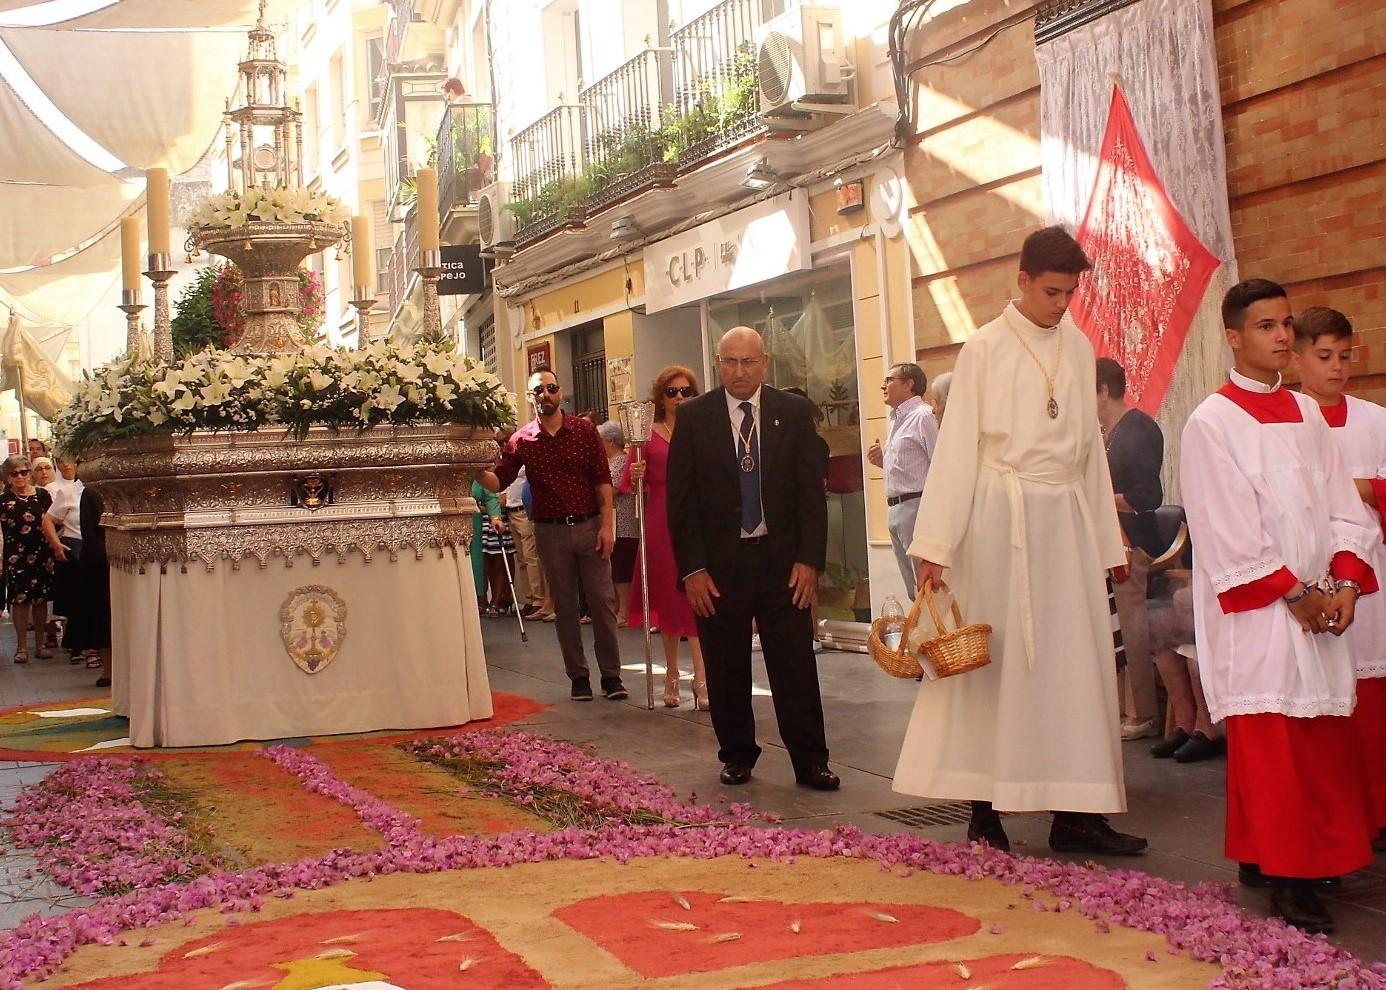 La procesión del Corpus ahonda en su profundo mensaje religioso